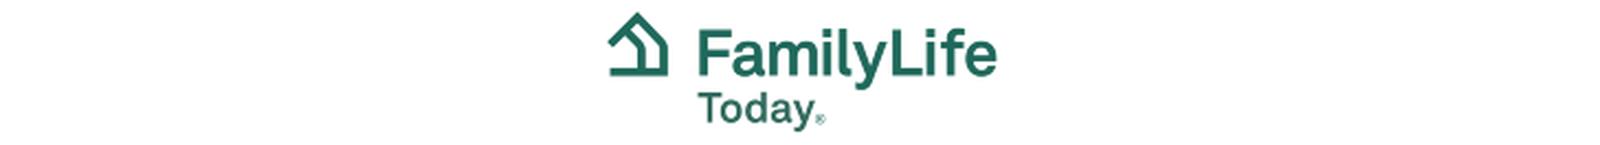 FamilyLife 728 banner